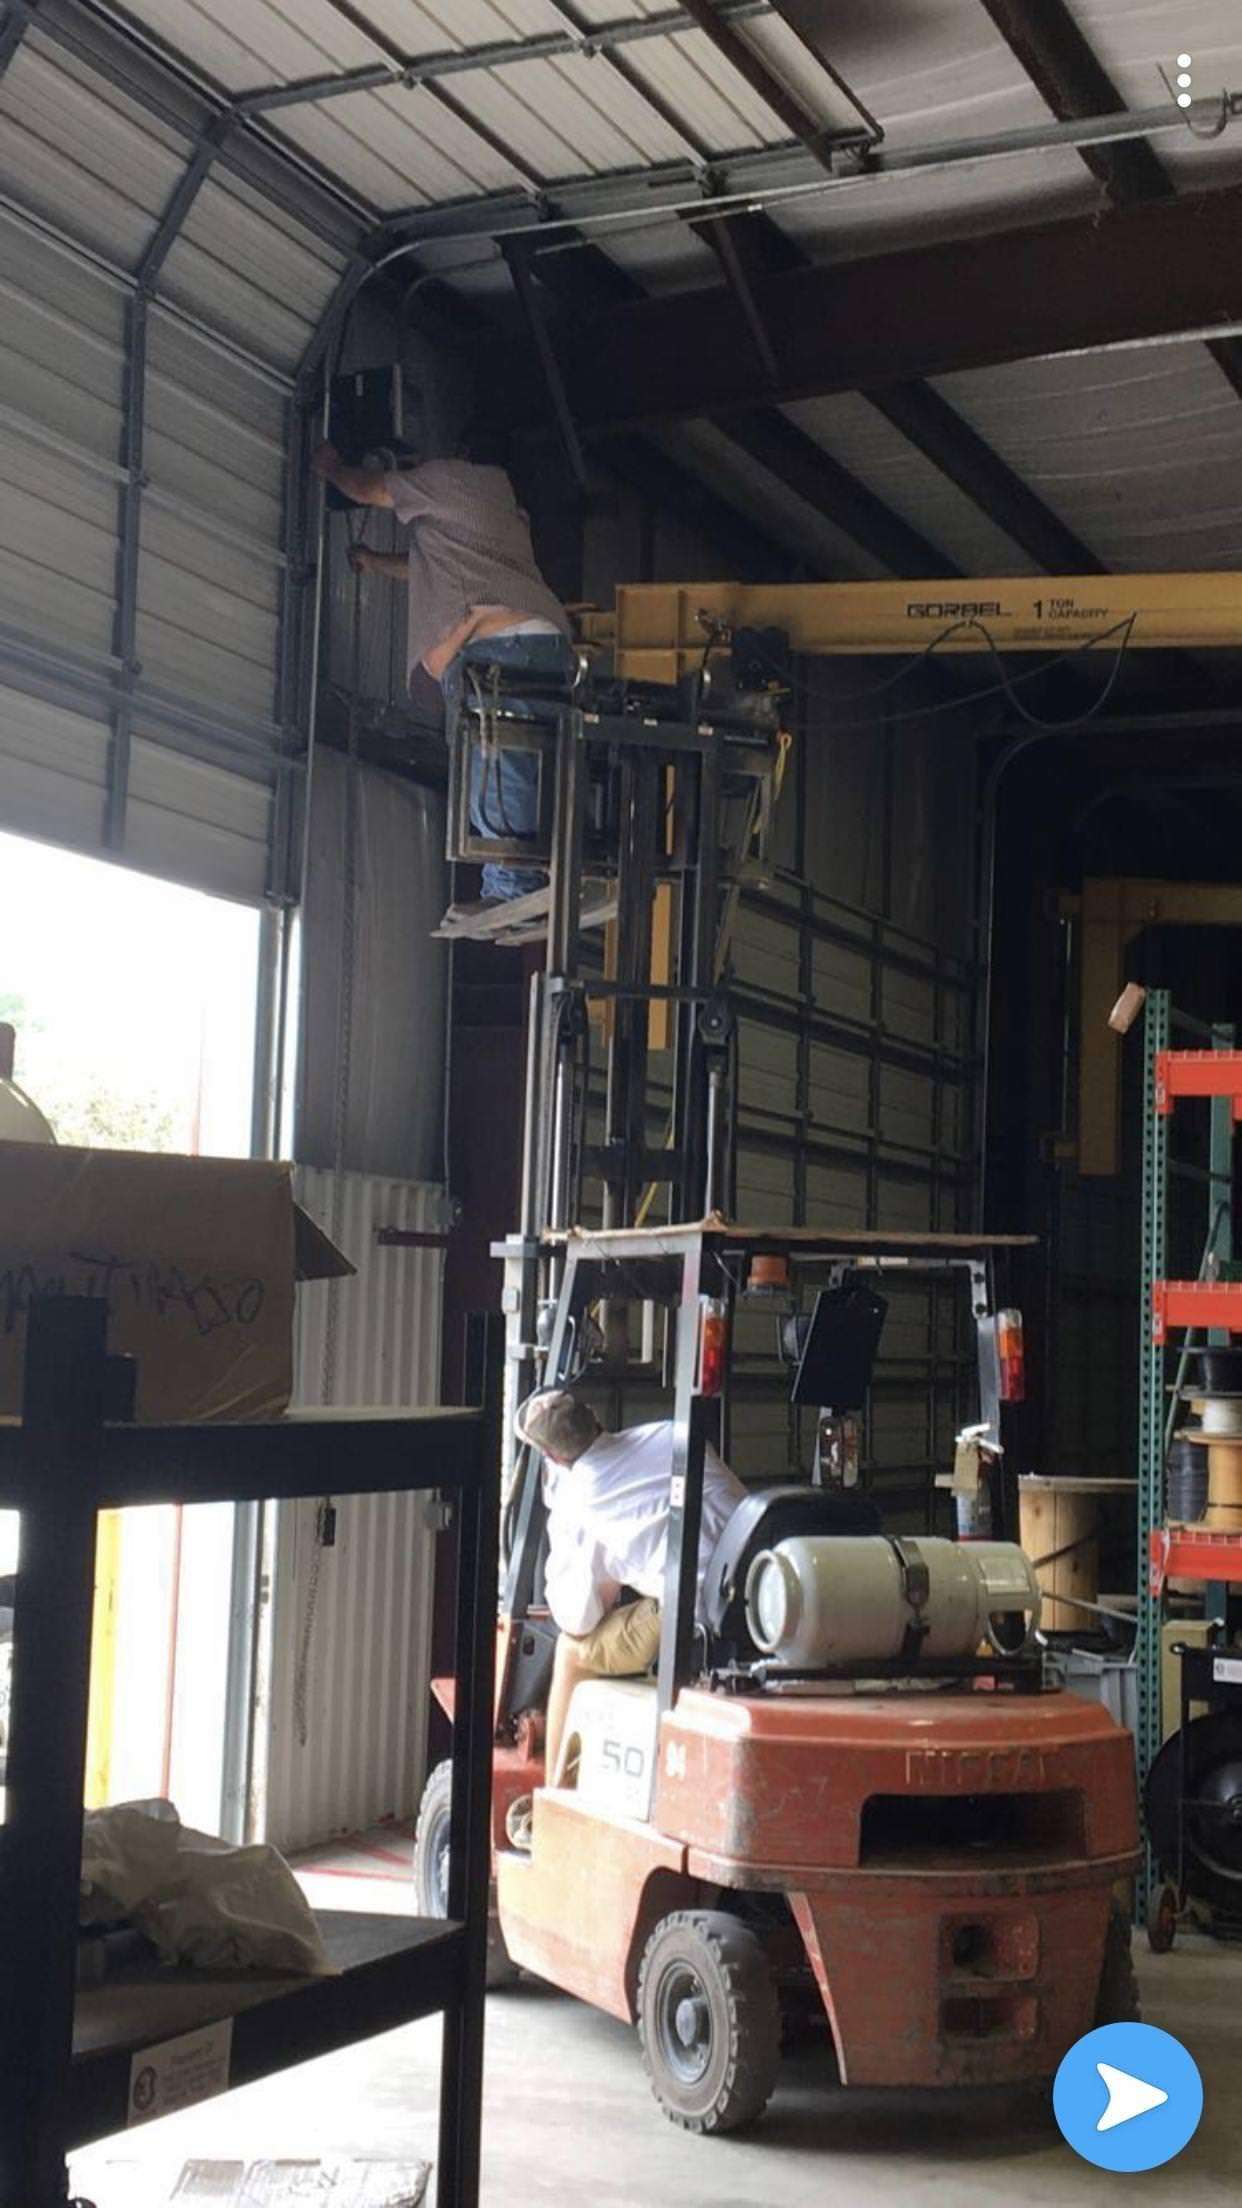 Garage Door Not Working No Problem Forklift Osha Forkliftlicense Forklifttraining Forkliftcert Industrial Safety Safety Slogans Workplace Safety Slogans